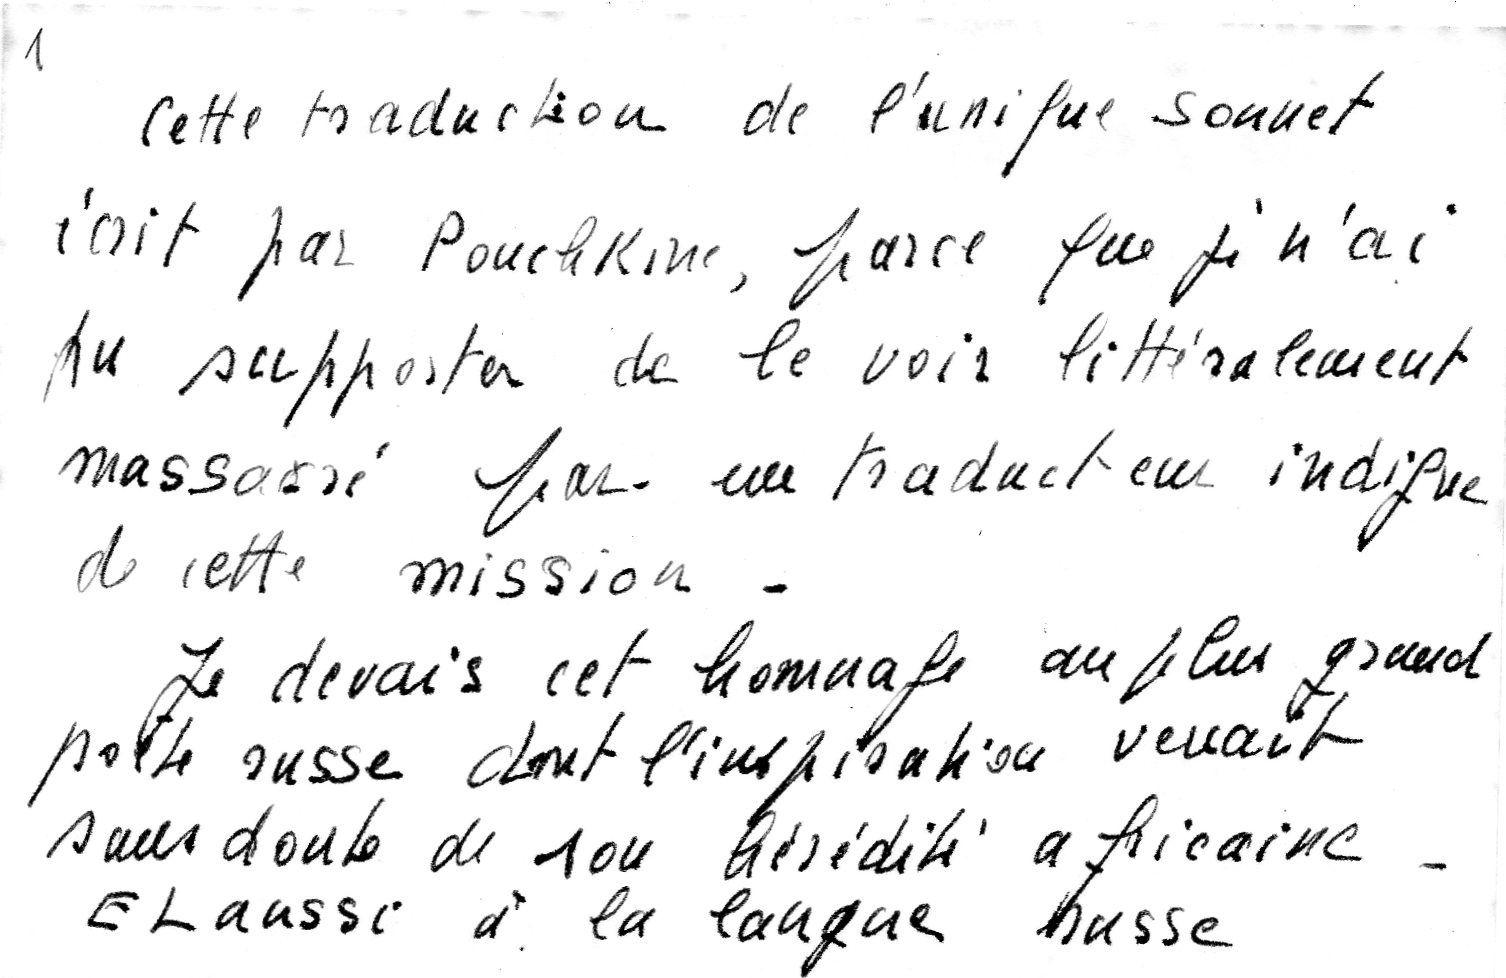 Au poète ! Sonnet de Pouchkine, traduit par notre amie Guadeloupéenne : Suzanne Charvet.